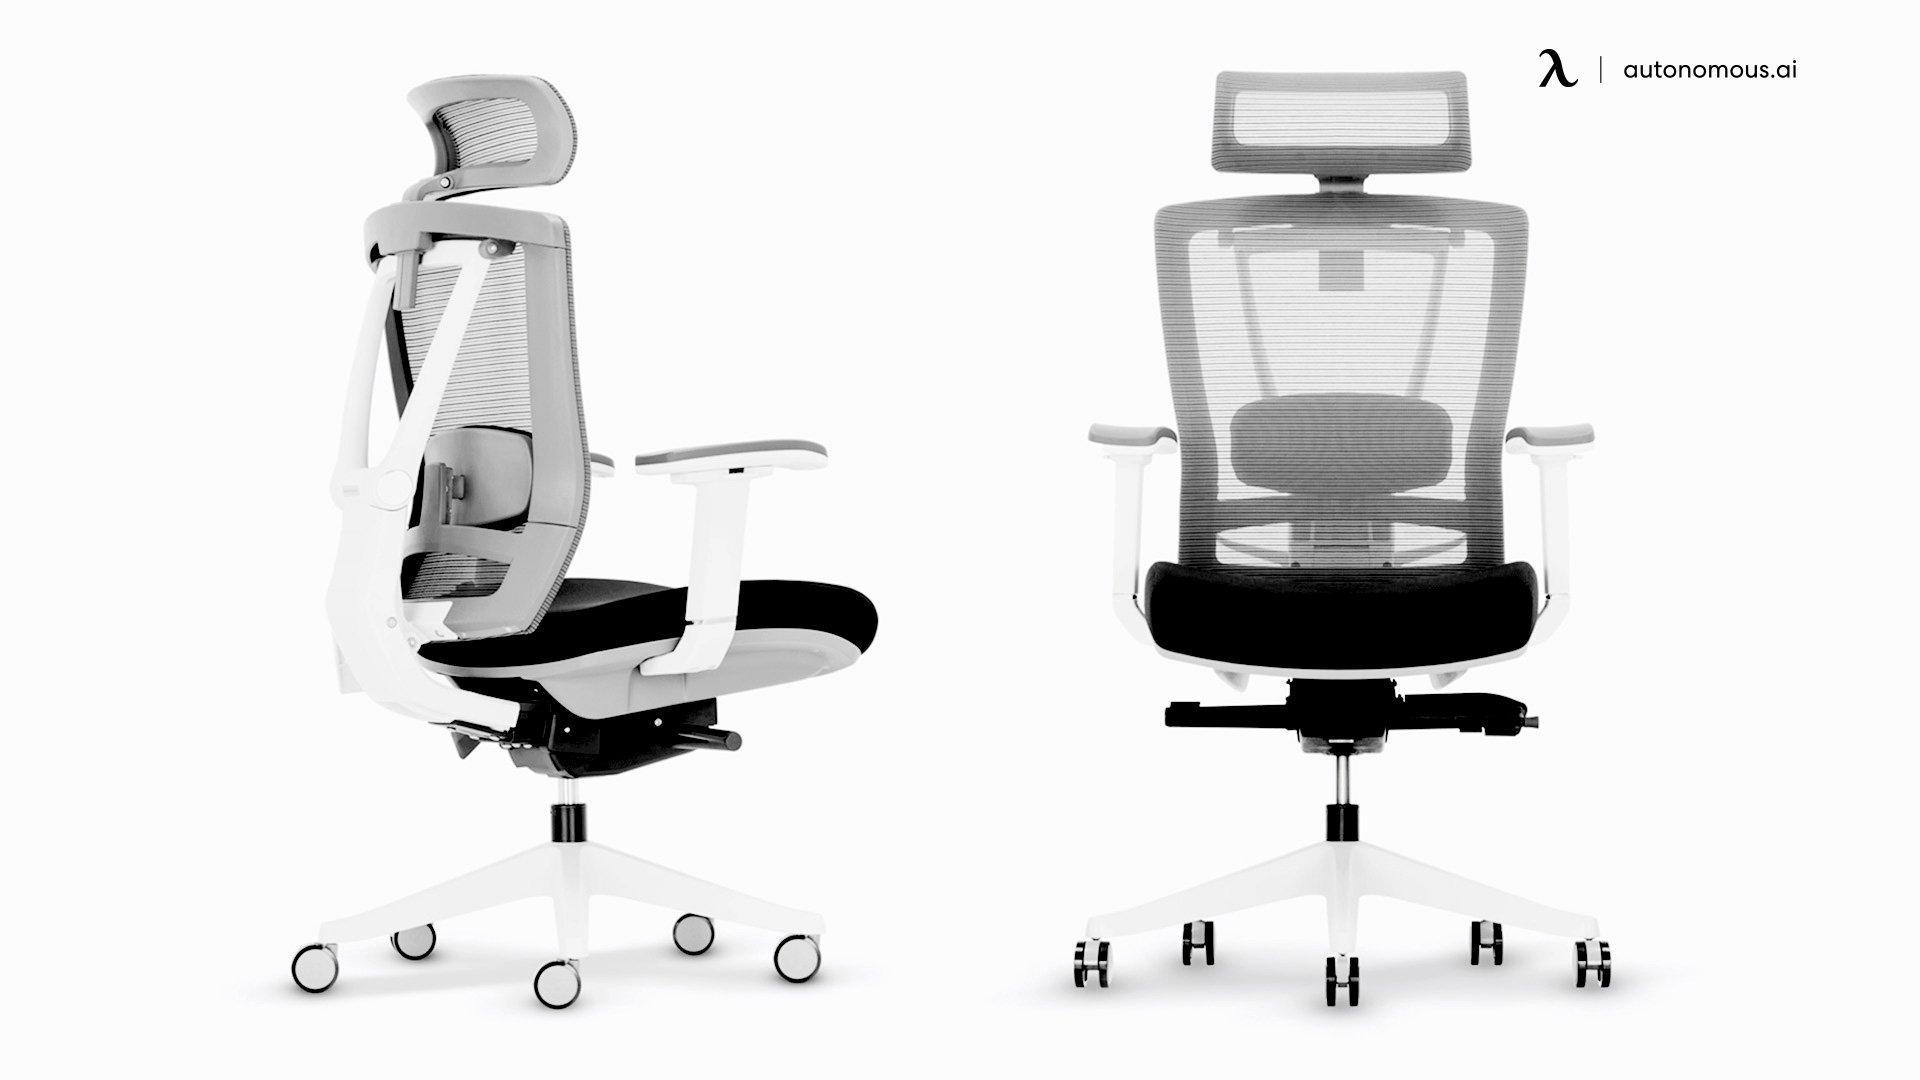 ErgoChair Pro by Autonomous